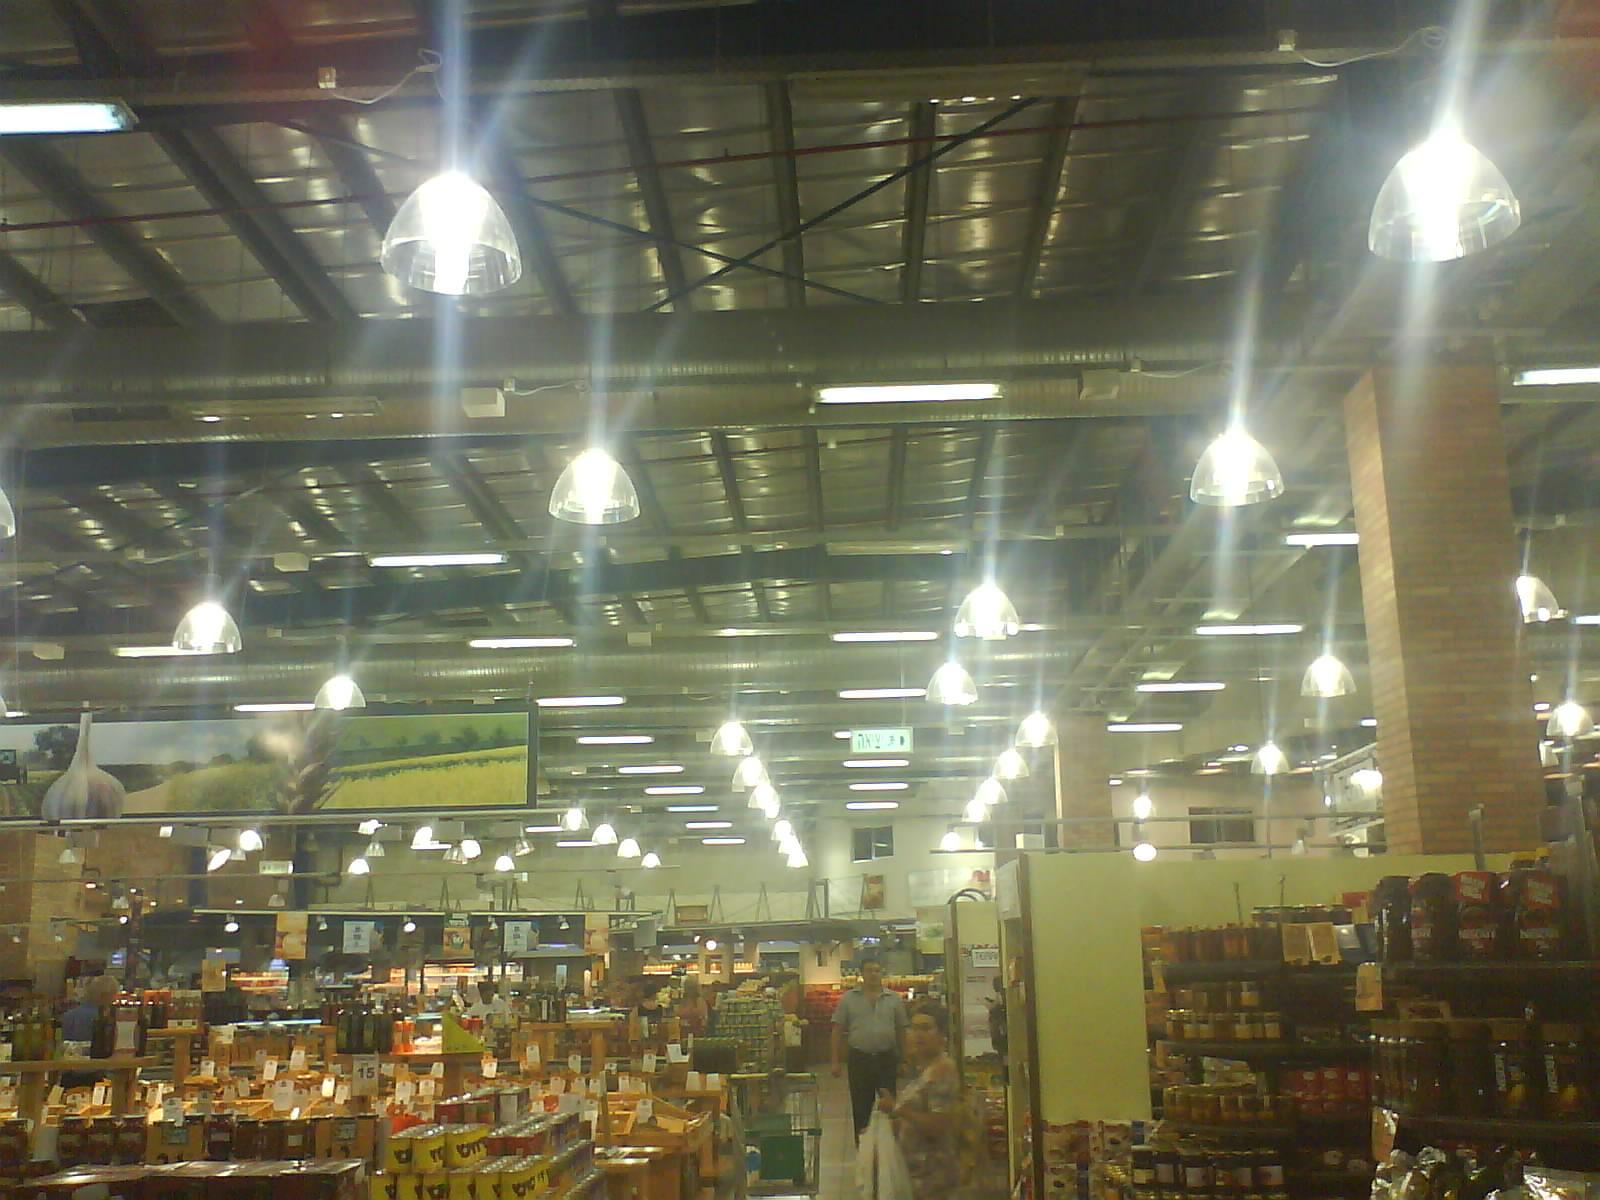 פרוייקט תאורה לרשת קמעונאית בישראל